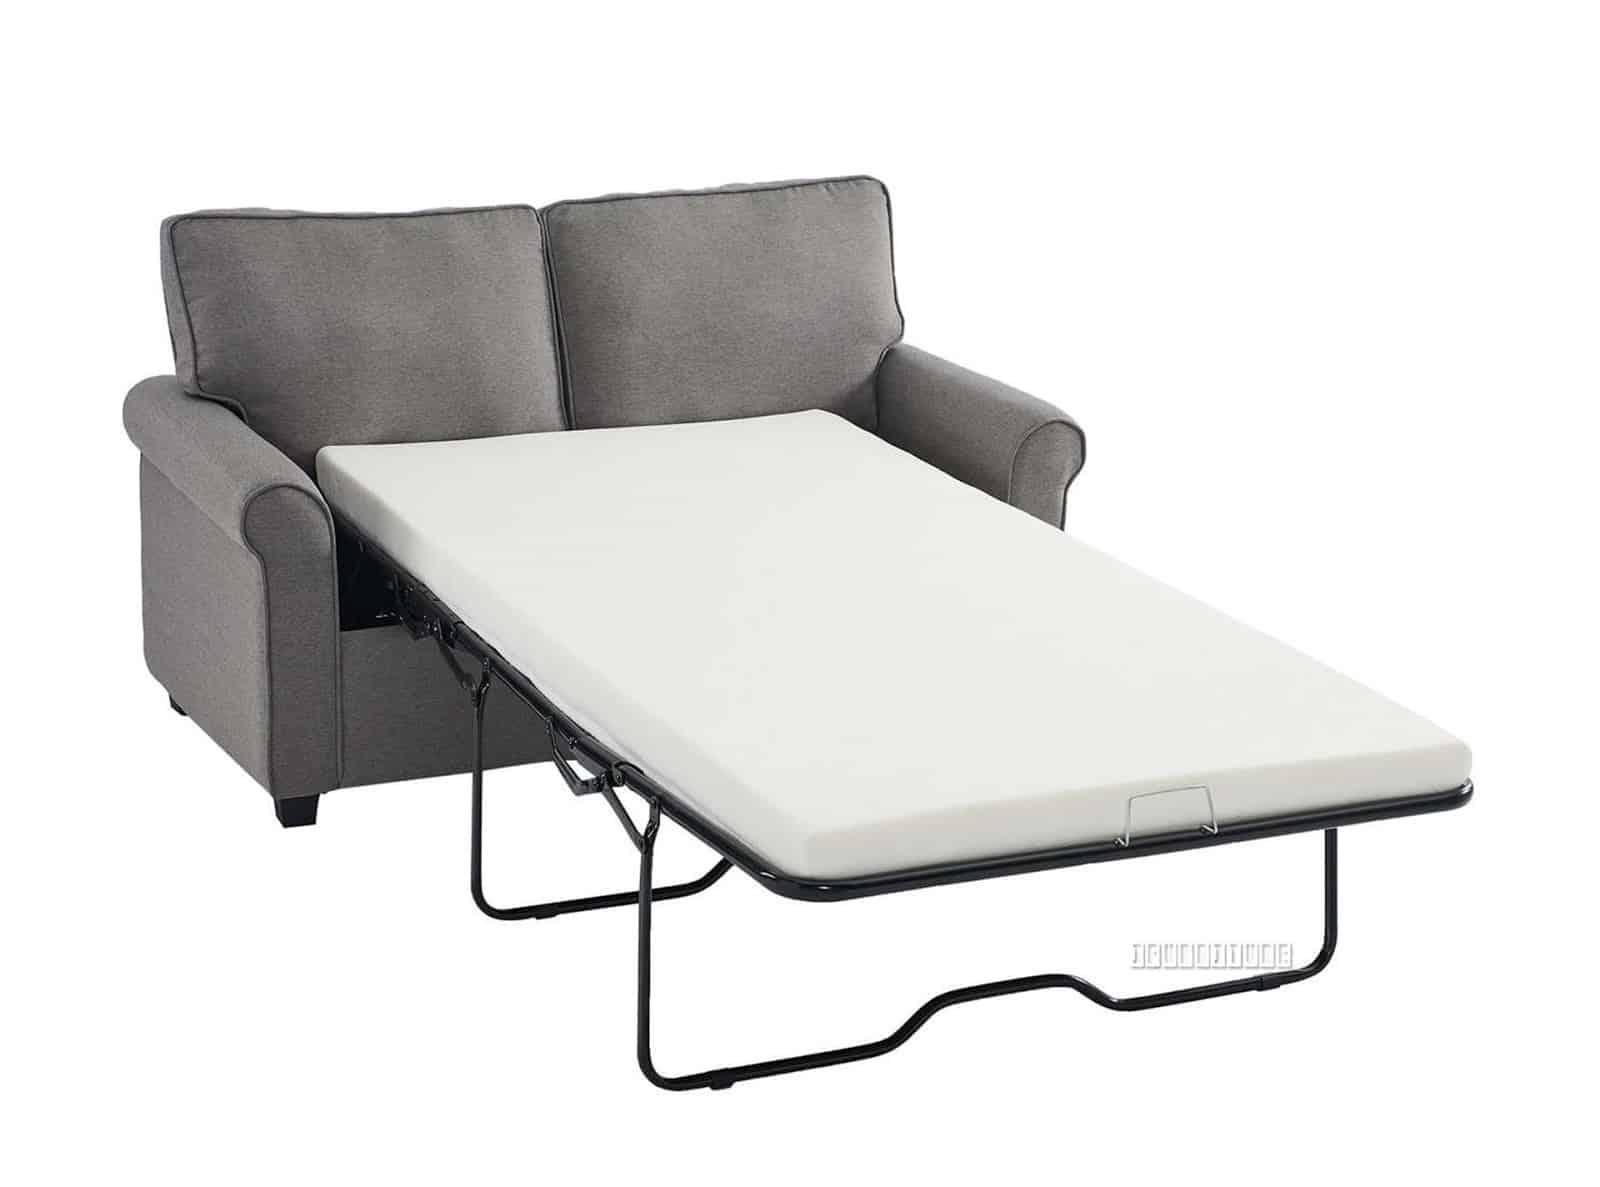 Murphy Beds Vs Day Beds Futons Sofa Beds Deep Dive